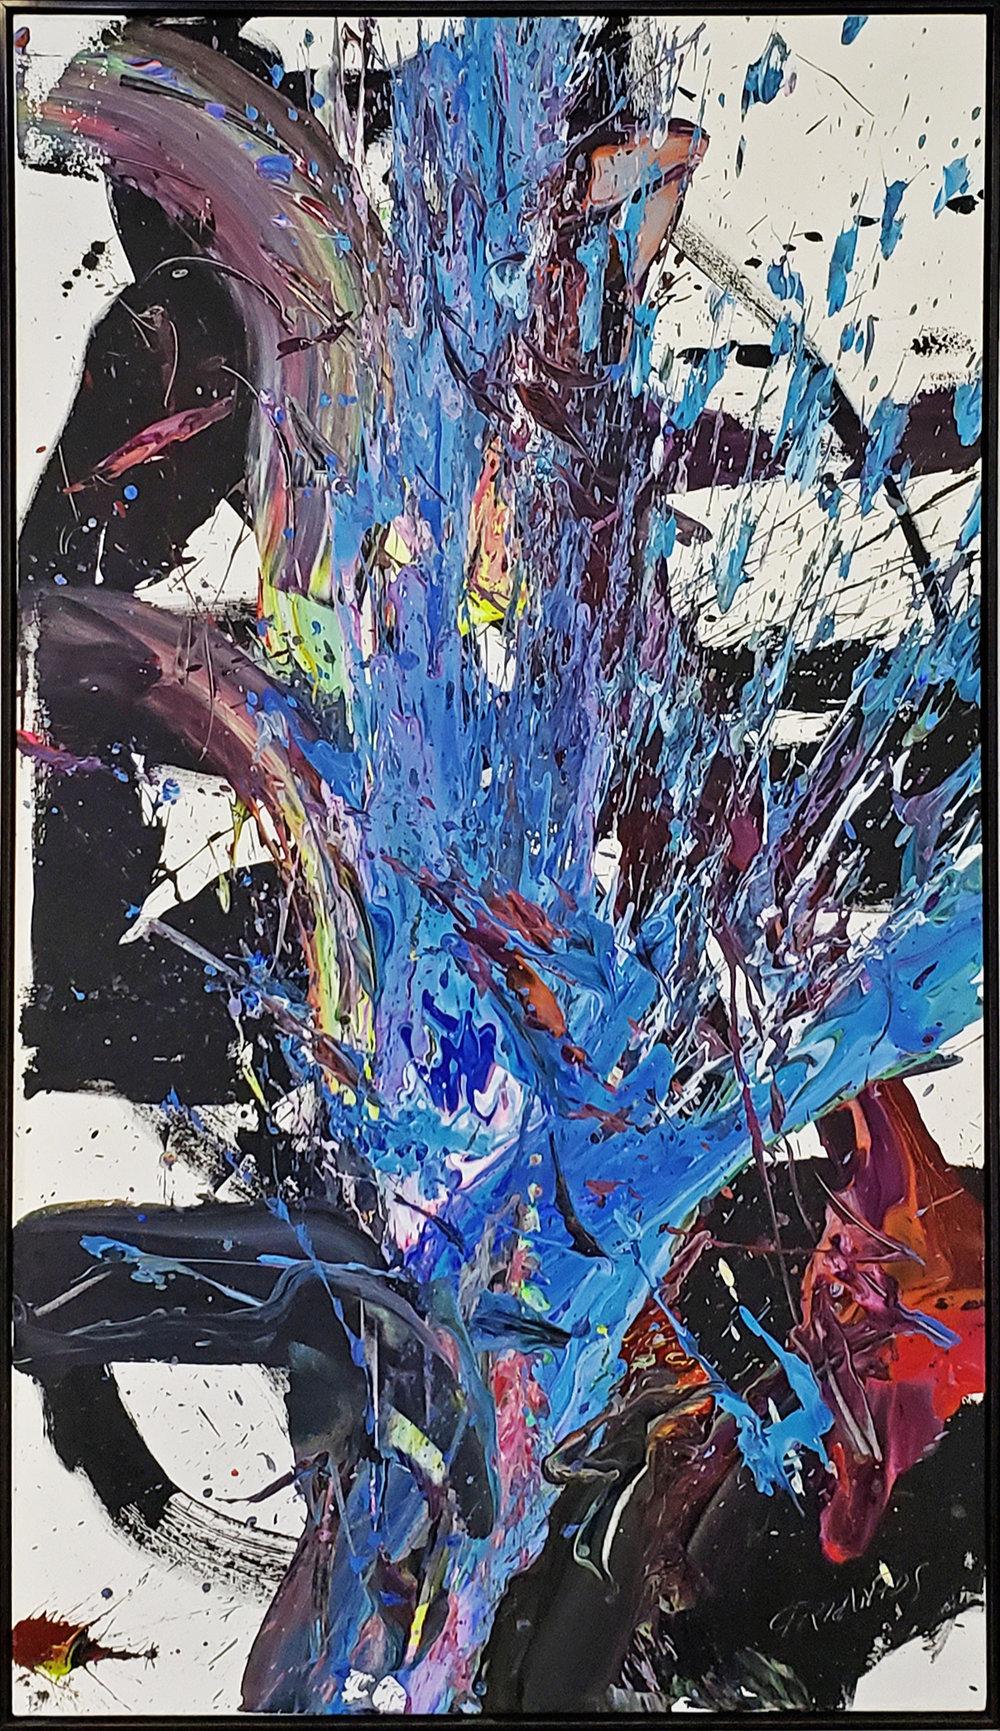 """SP2 #140, 2019, acrylic on canvas, 84"""" x 48"""" (213.4 x 122 cm)"""